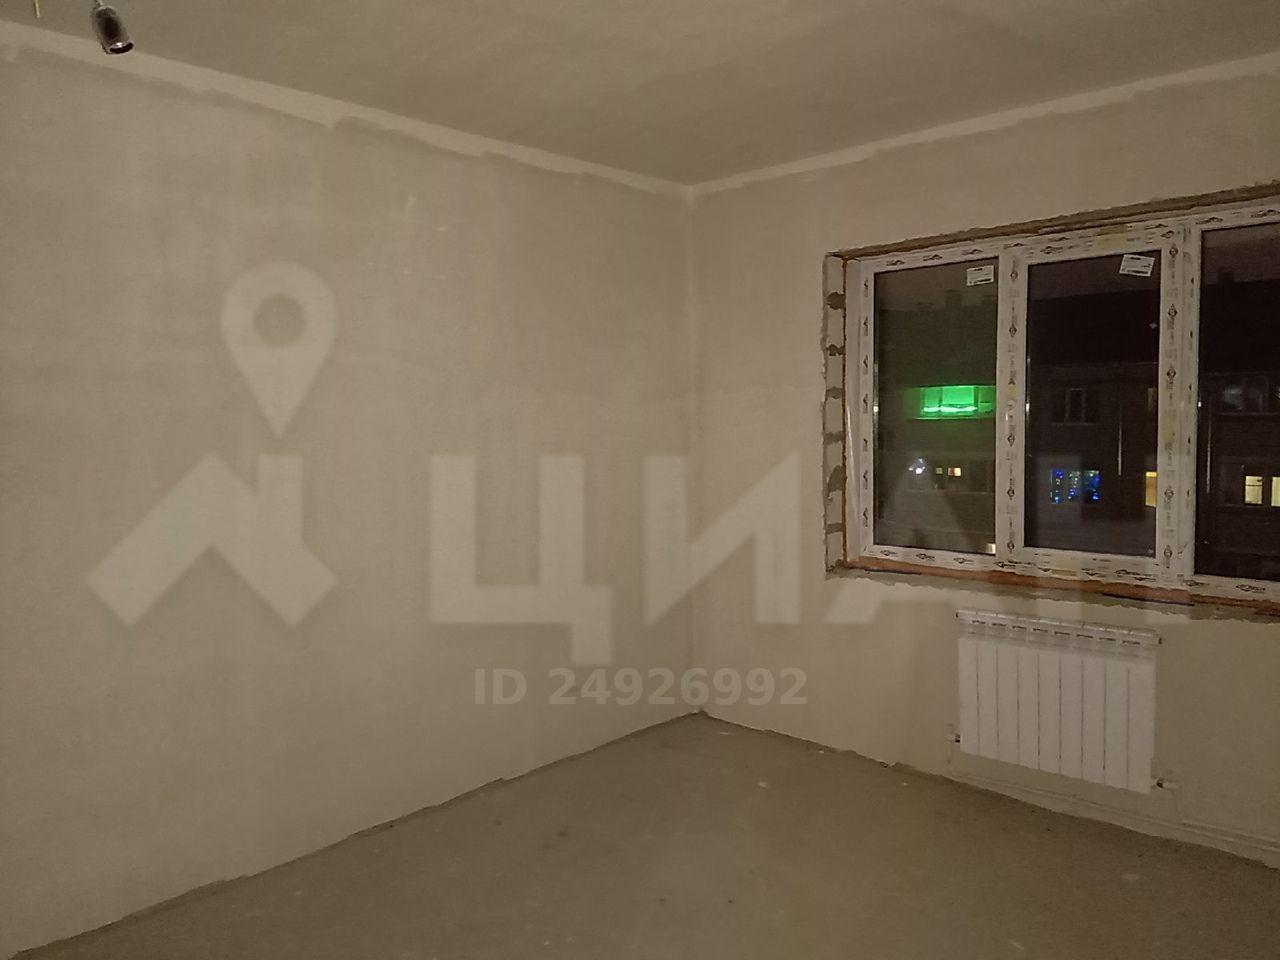 Где в москве дают квартиры сиротам в. uristtop.ru